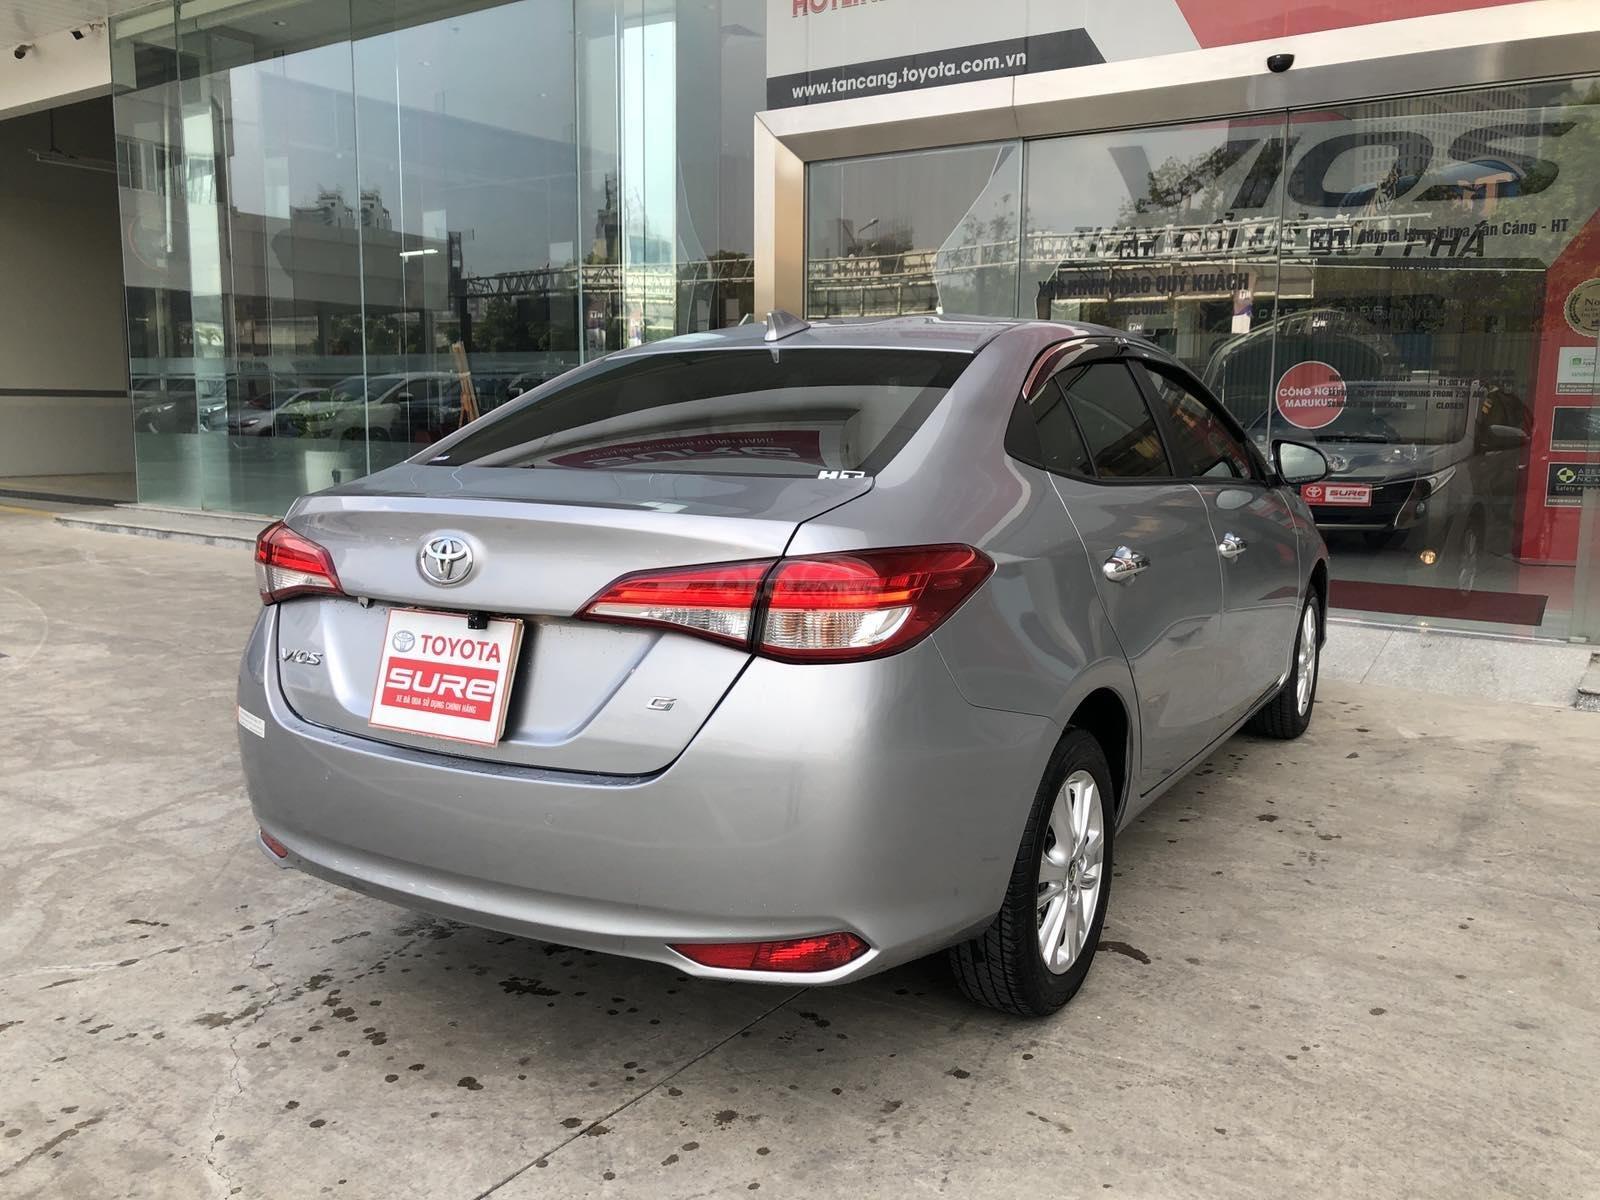 Cần bán xe Toyota Vios 1.5G CVT 2019, màu bạc, xe gia đình đi 28.000km - xe chất giá tốt (5)